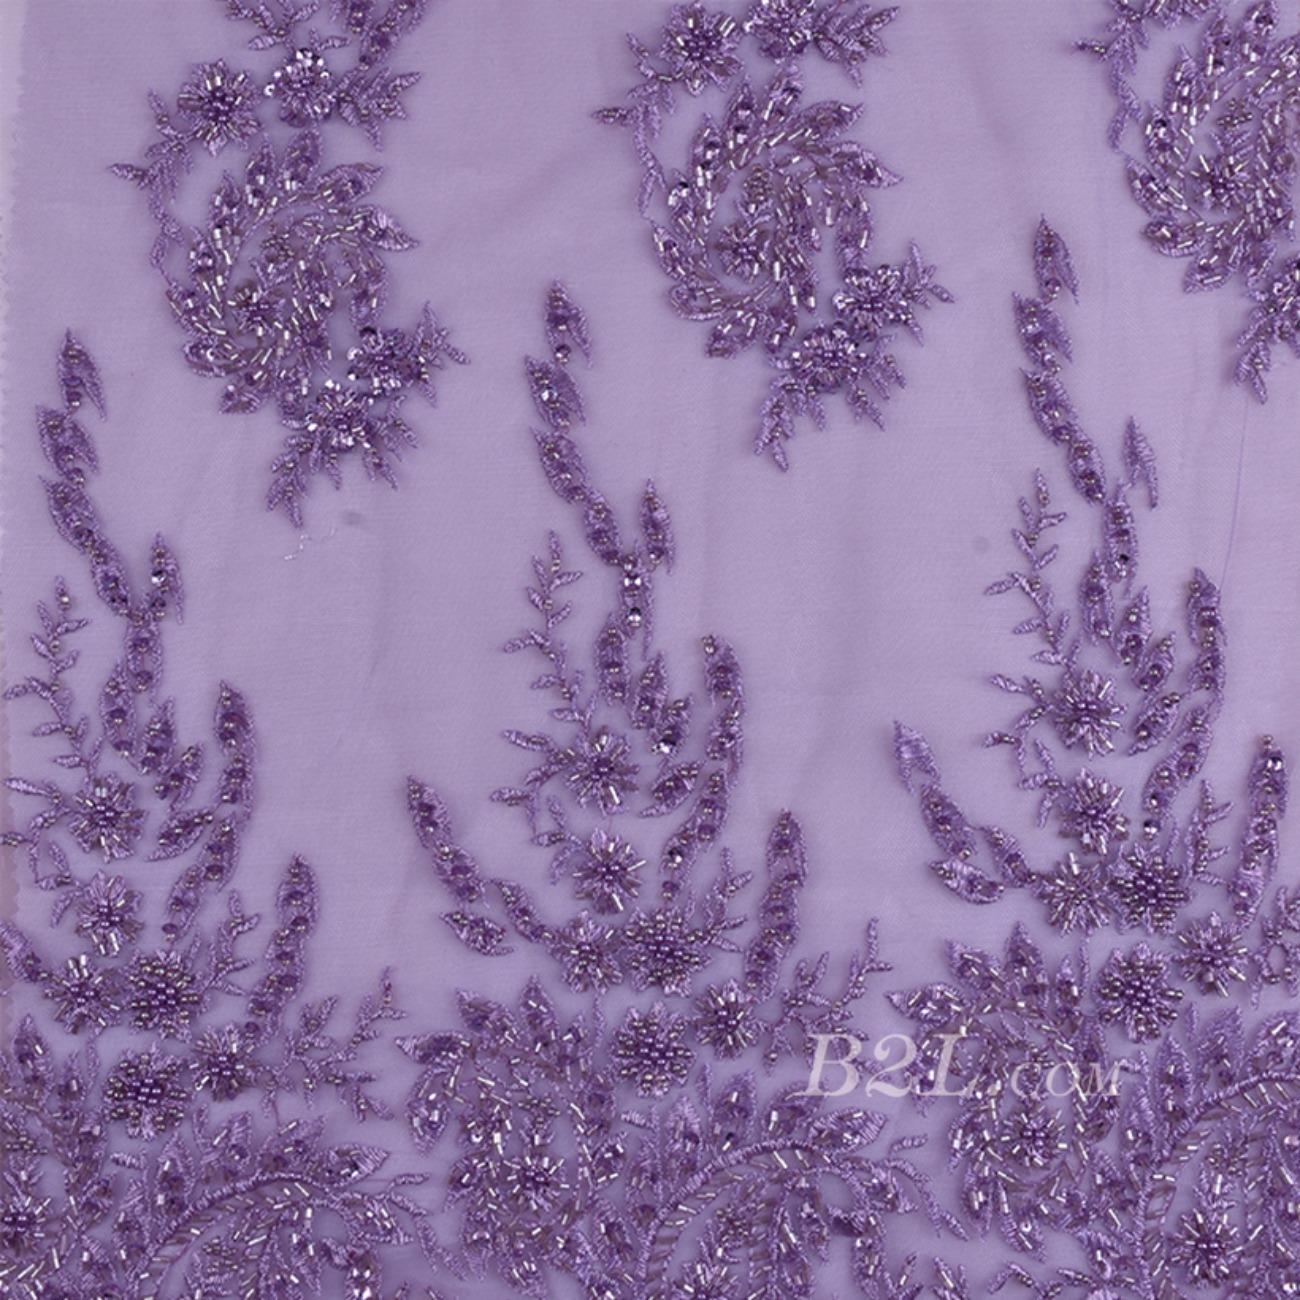 绣花 珠片绣花  礼服 婚纱 期货经编机 染色 刺绣 手工 低弹  薄 纱感 60916-1